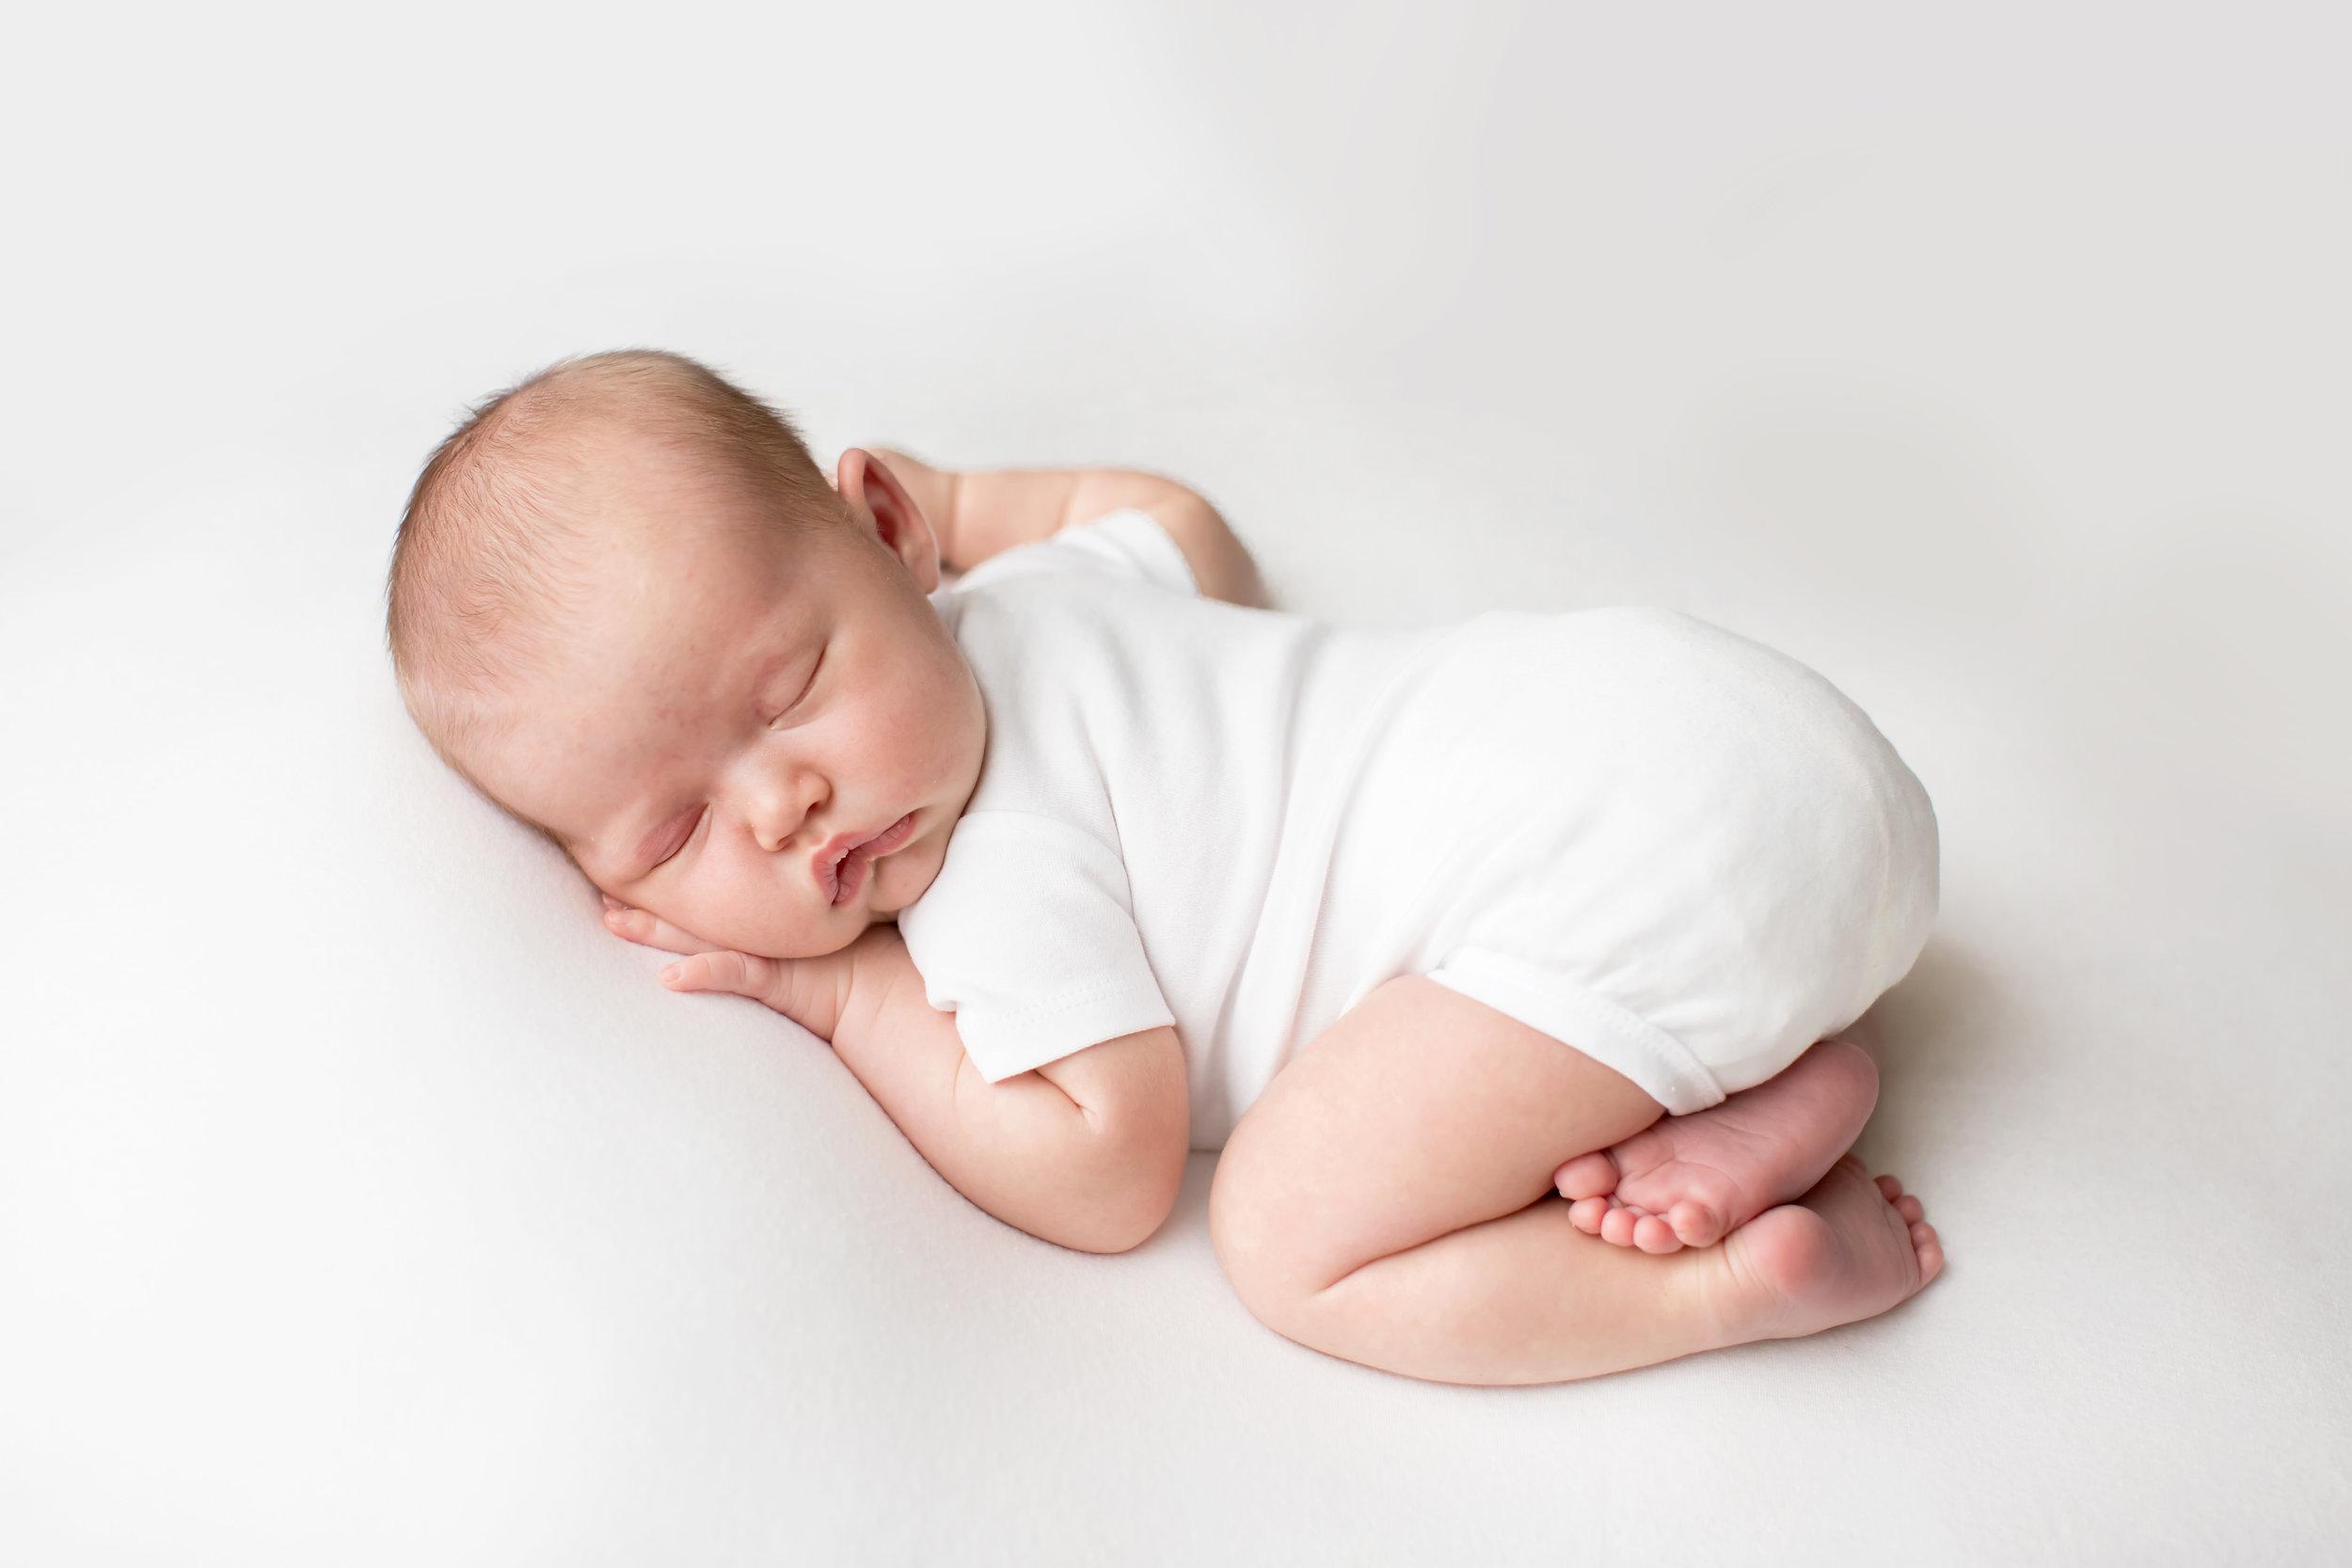 tummy sleep.jpg